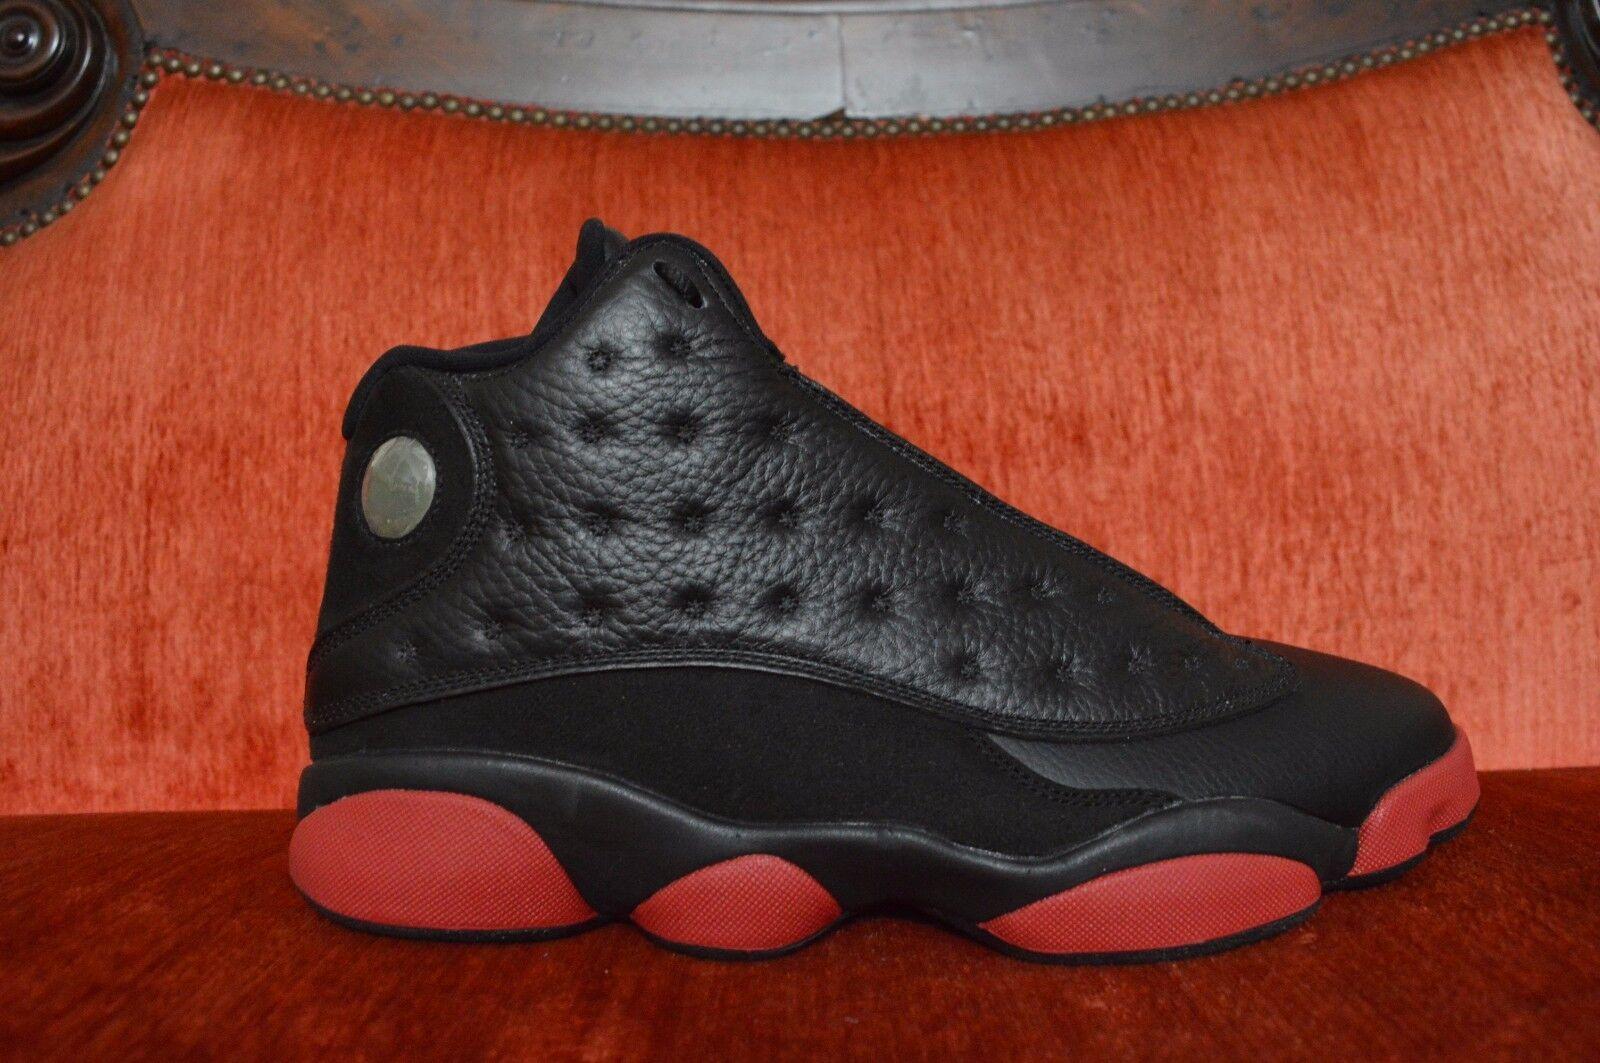 Nike Air Jordan 13 XIII retro negro Bred negro retro sucio gimnasio Rojo Nike 414571-003 comodo precio de temporada corta, beneficios de descuentos 31b549